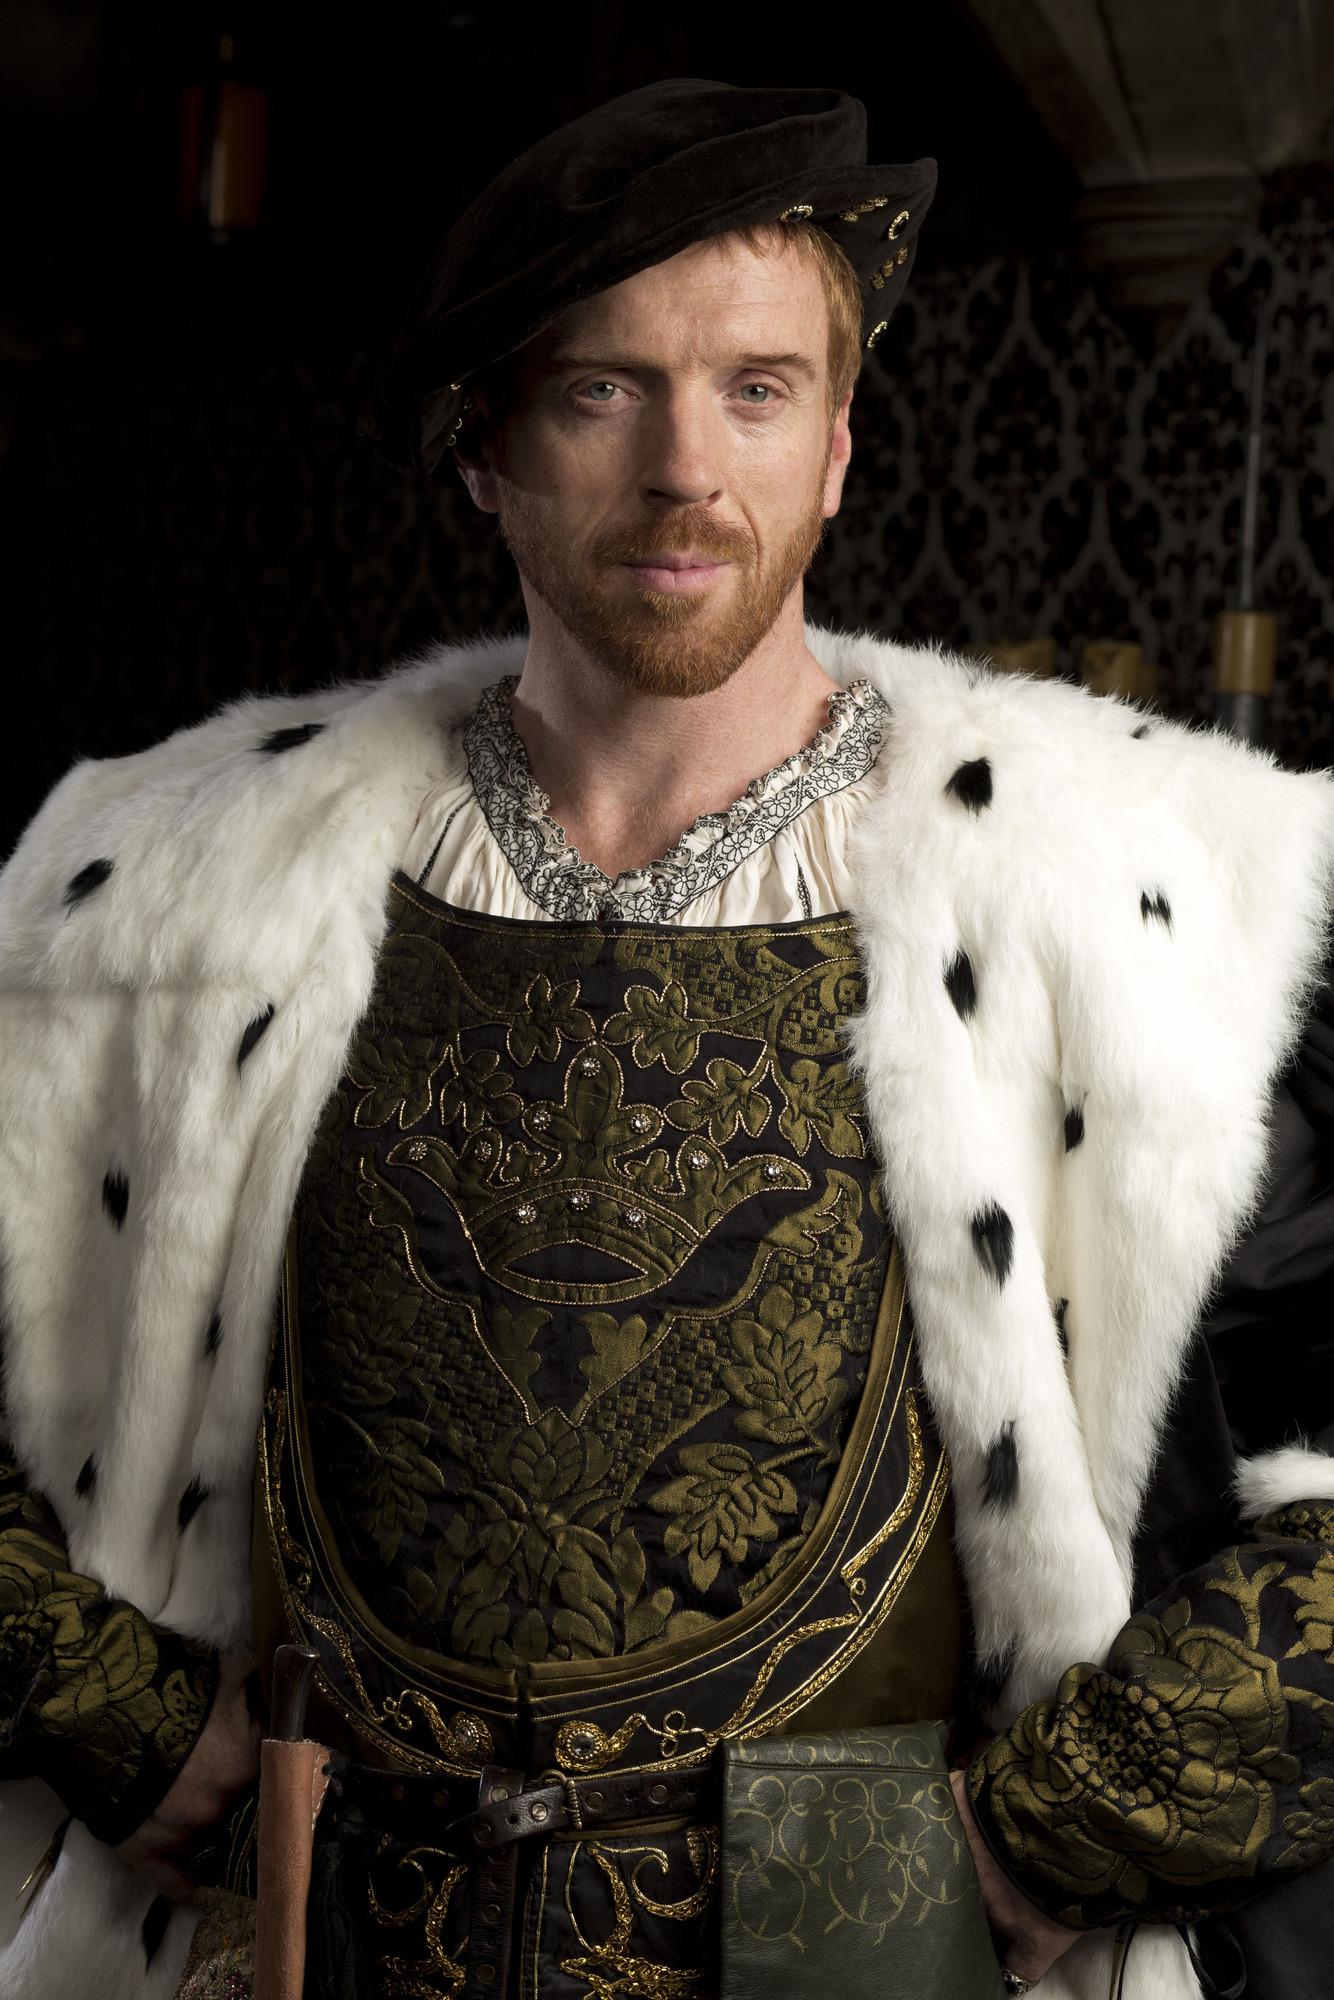 Damien Lewis as Henry VIII